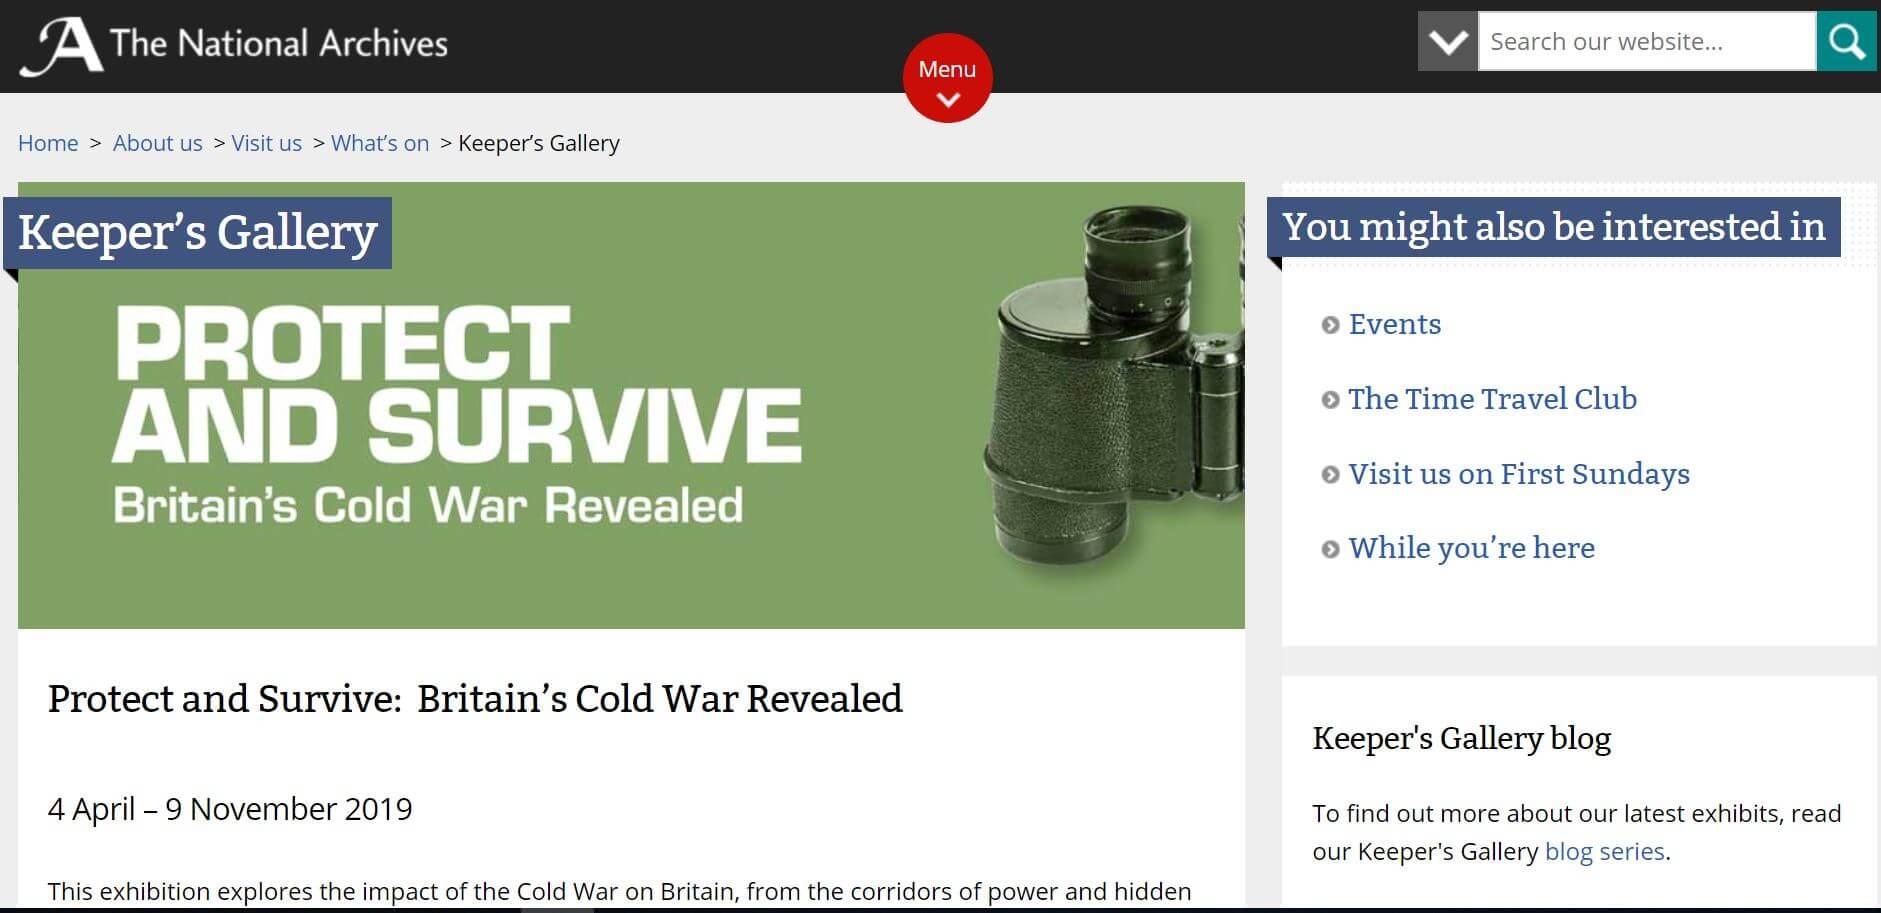 保衛與生存:英國冷戰時期檔案公開